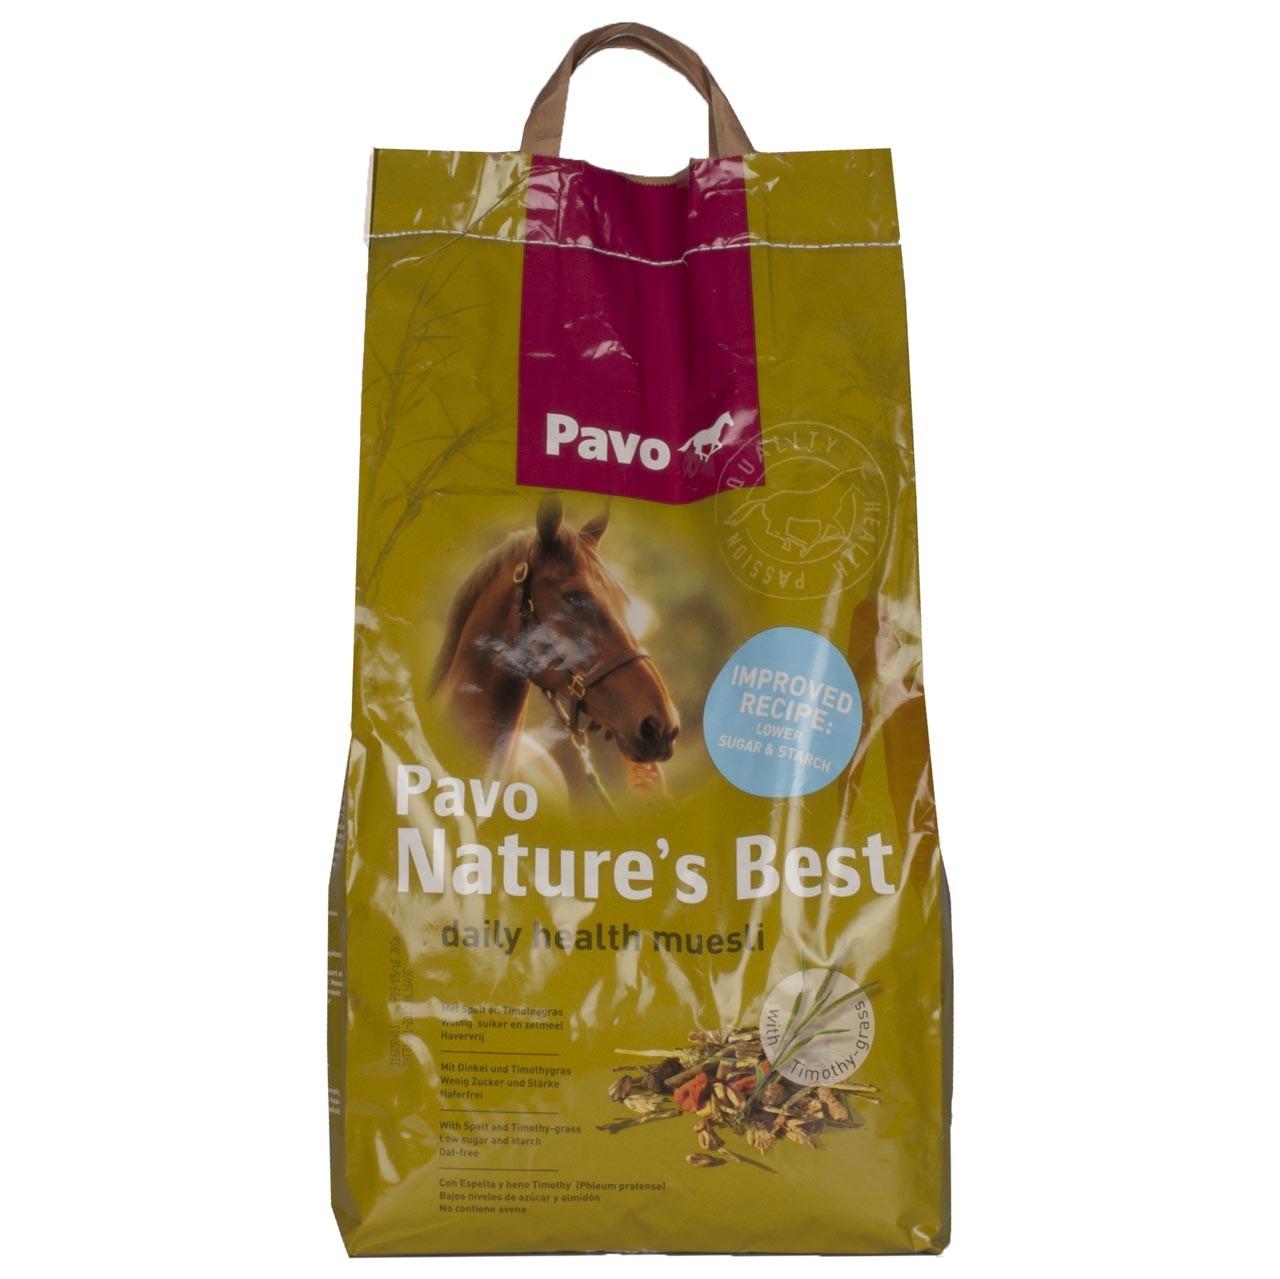 Pavo Natures Best 3kg